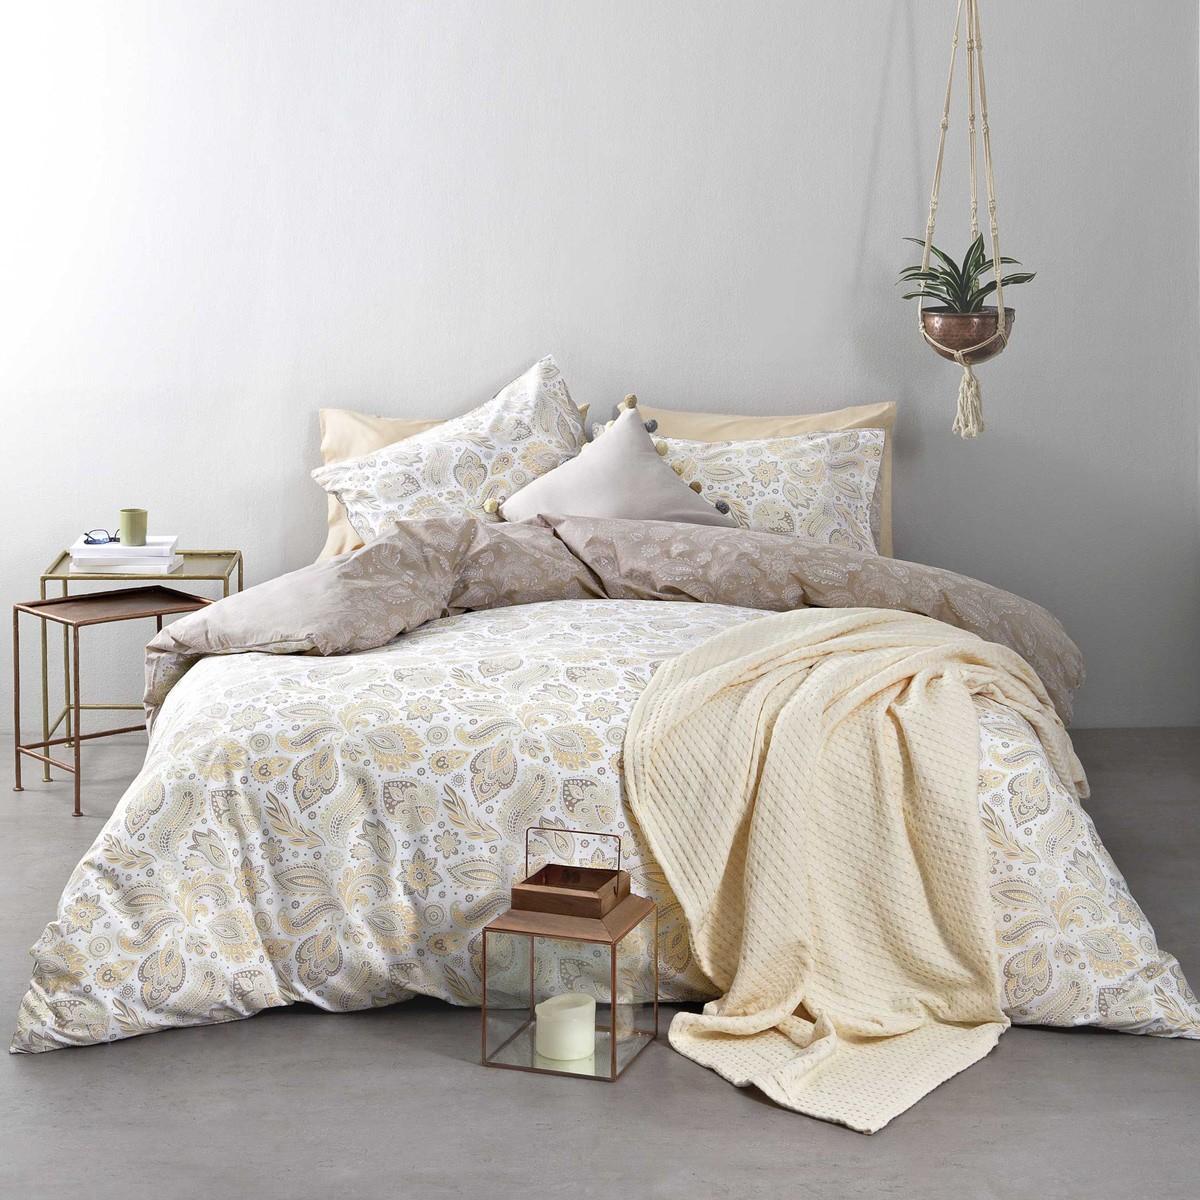 Σεντόνια Υπέρδιπλα (Σετ) Nima Bed Linen Delhi Beige ΧΩΡΙΣ ΛΑΣΤΙΧΟ ΧΩΡΙΣ ΛΑΣΤΙΧΟ